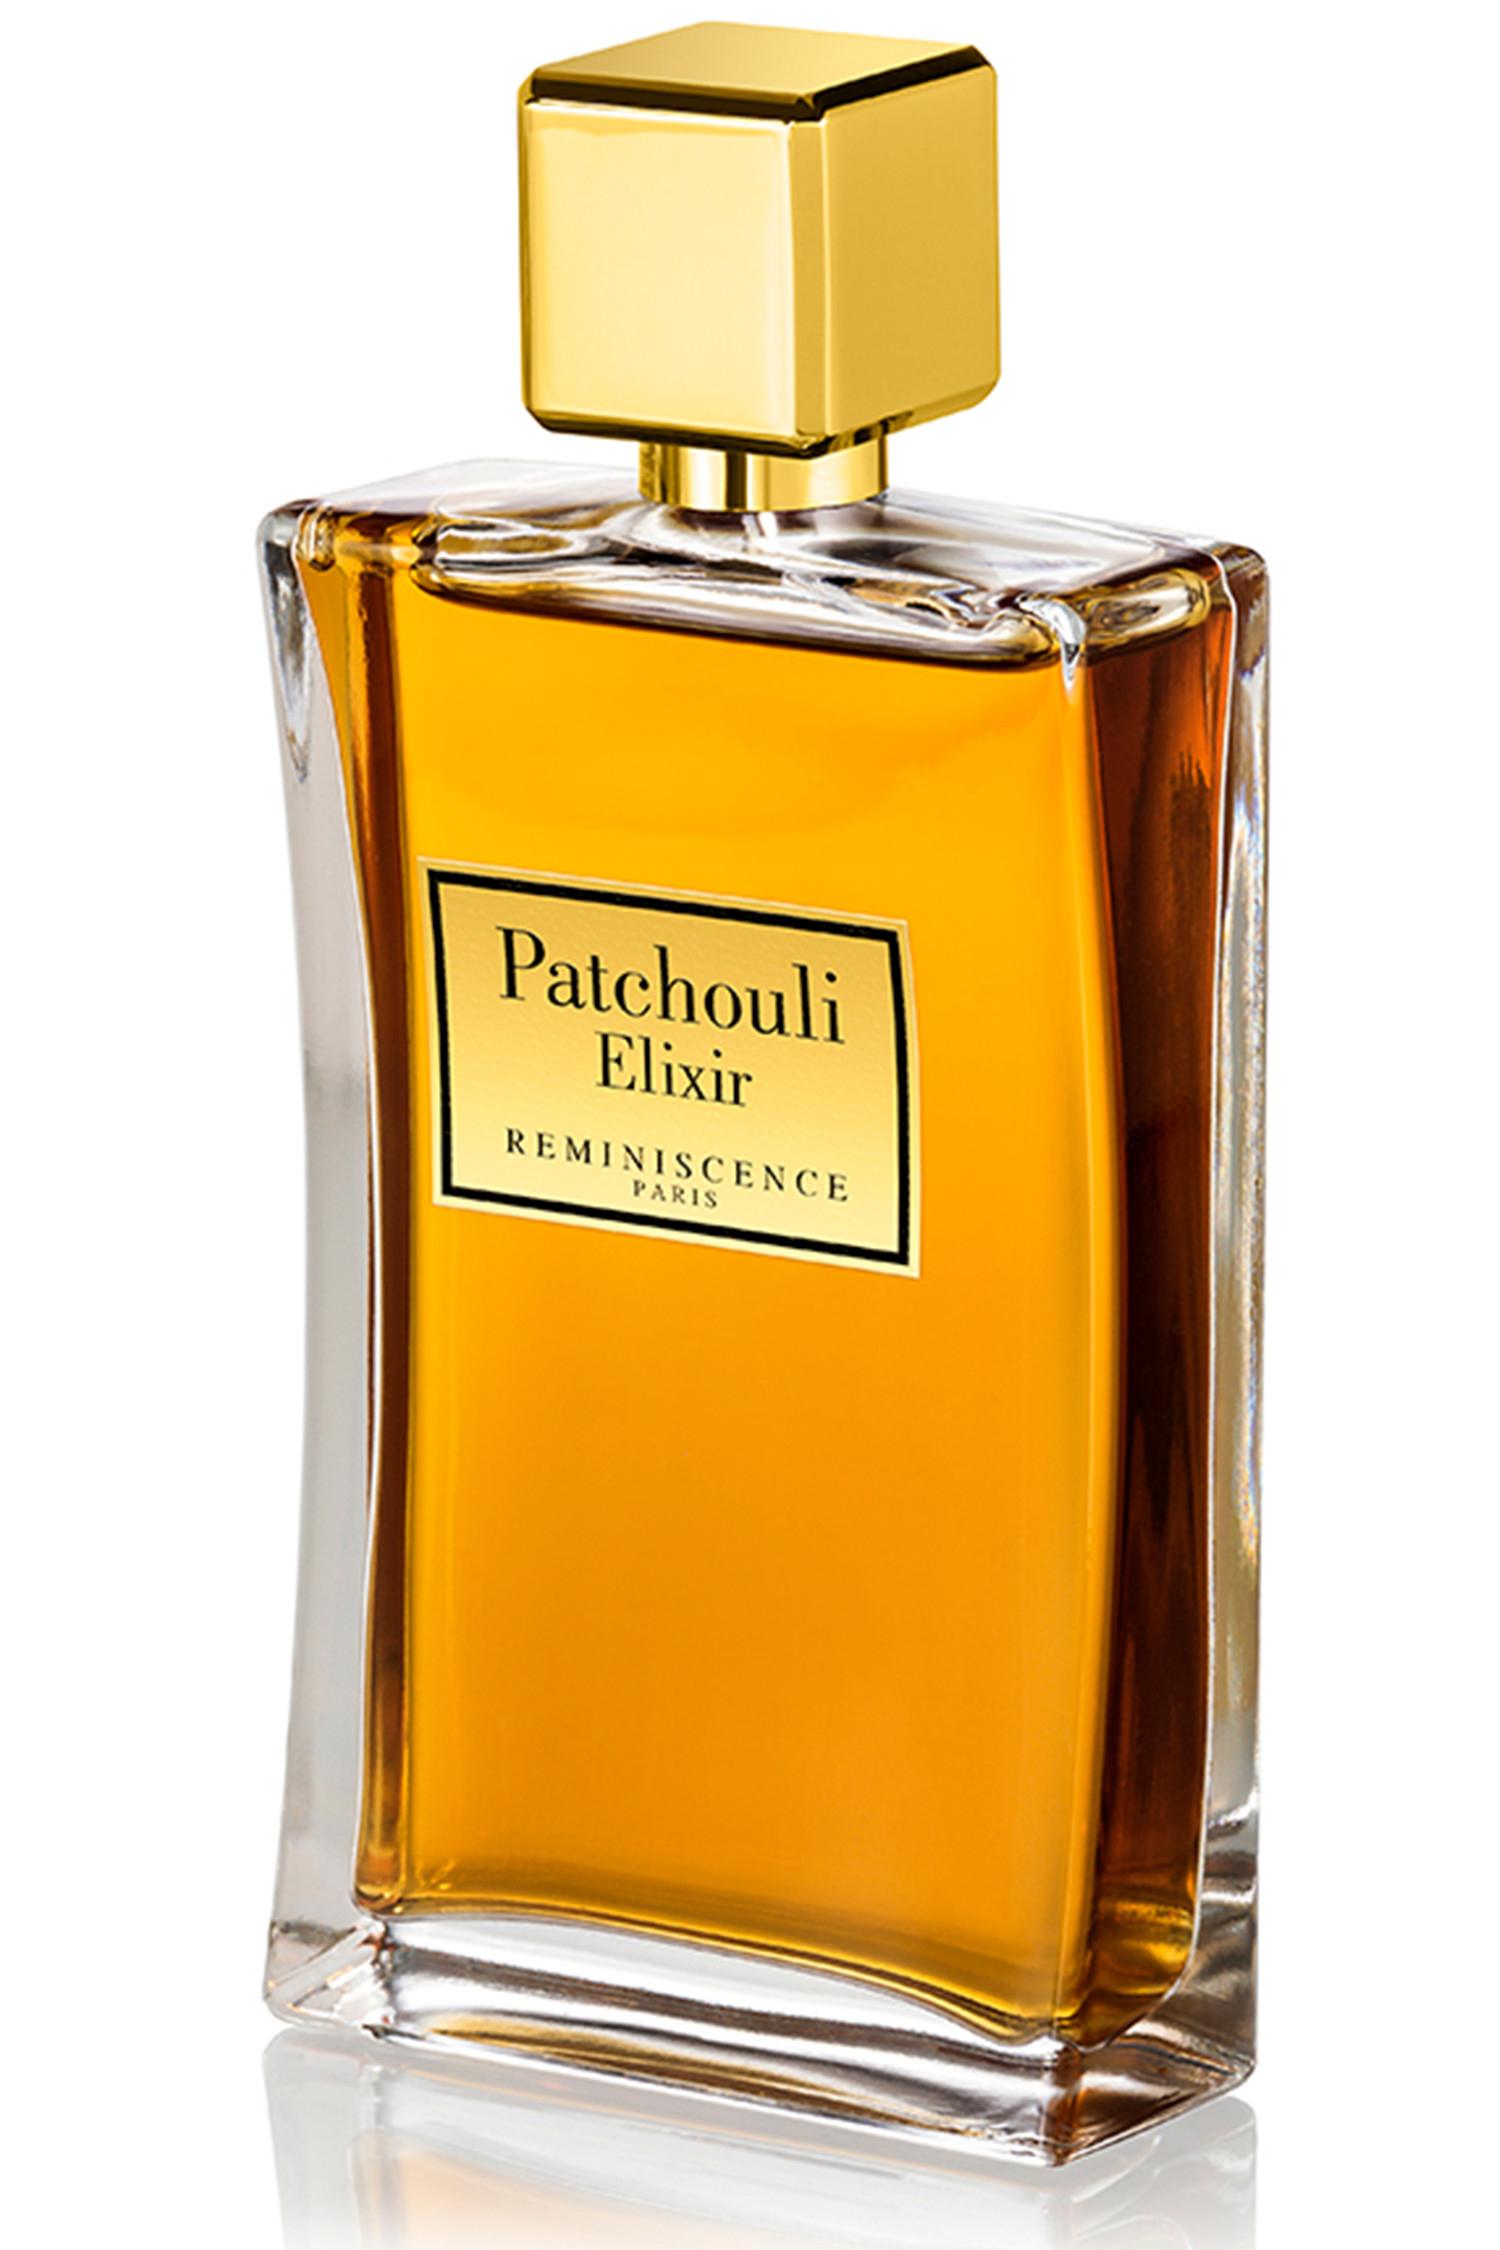 Patchouli Parfum De Le Zpxiuk Elixir Achetez Reminiscence vwnmyNO80